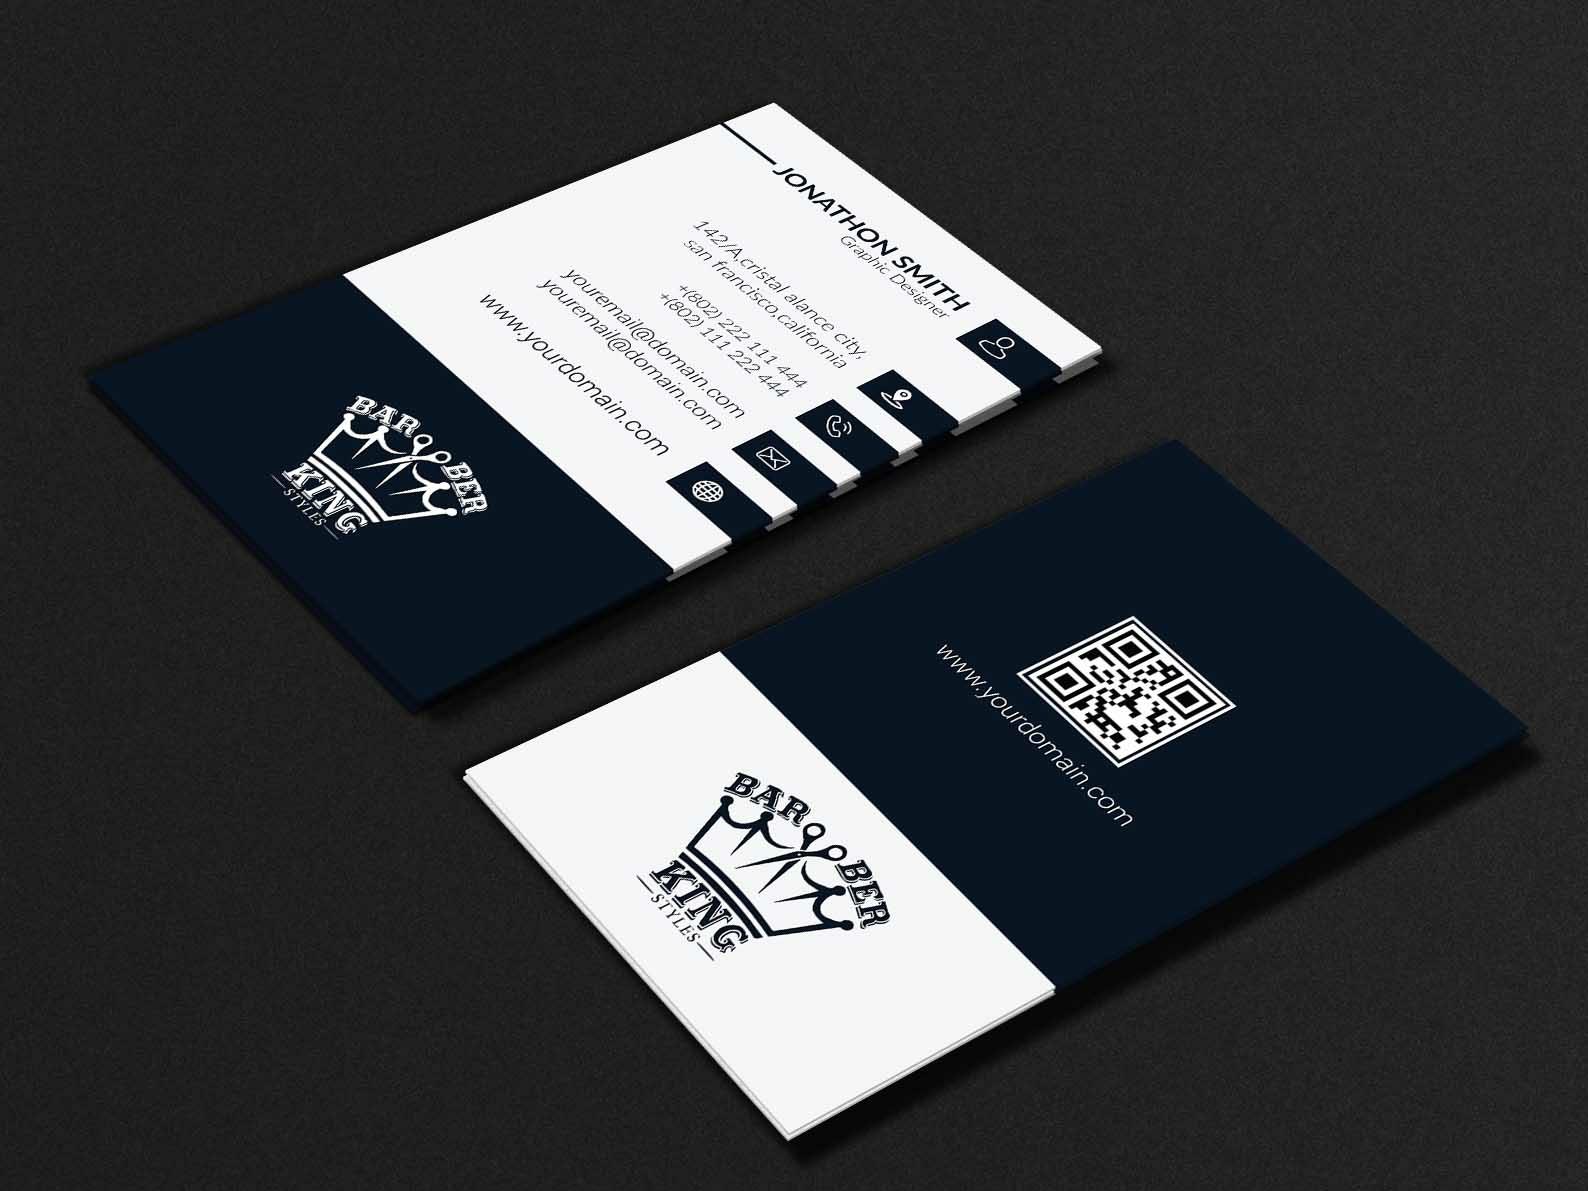 Business Card Design 08 By Rnrdesigner Dribbble Dribbble